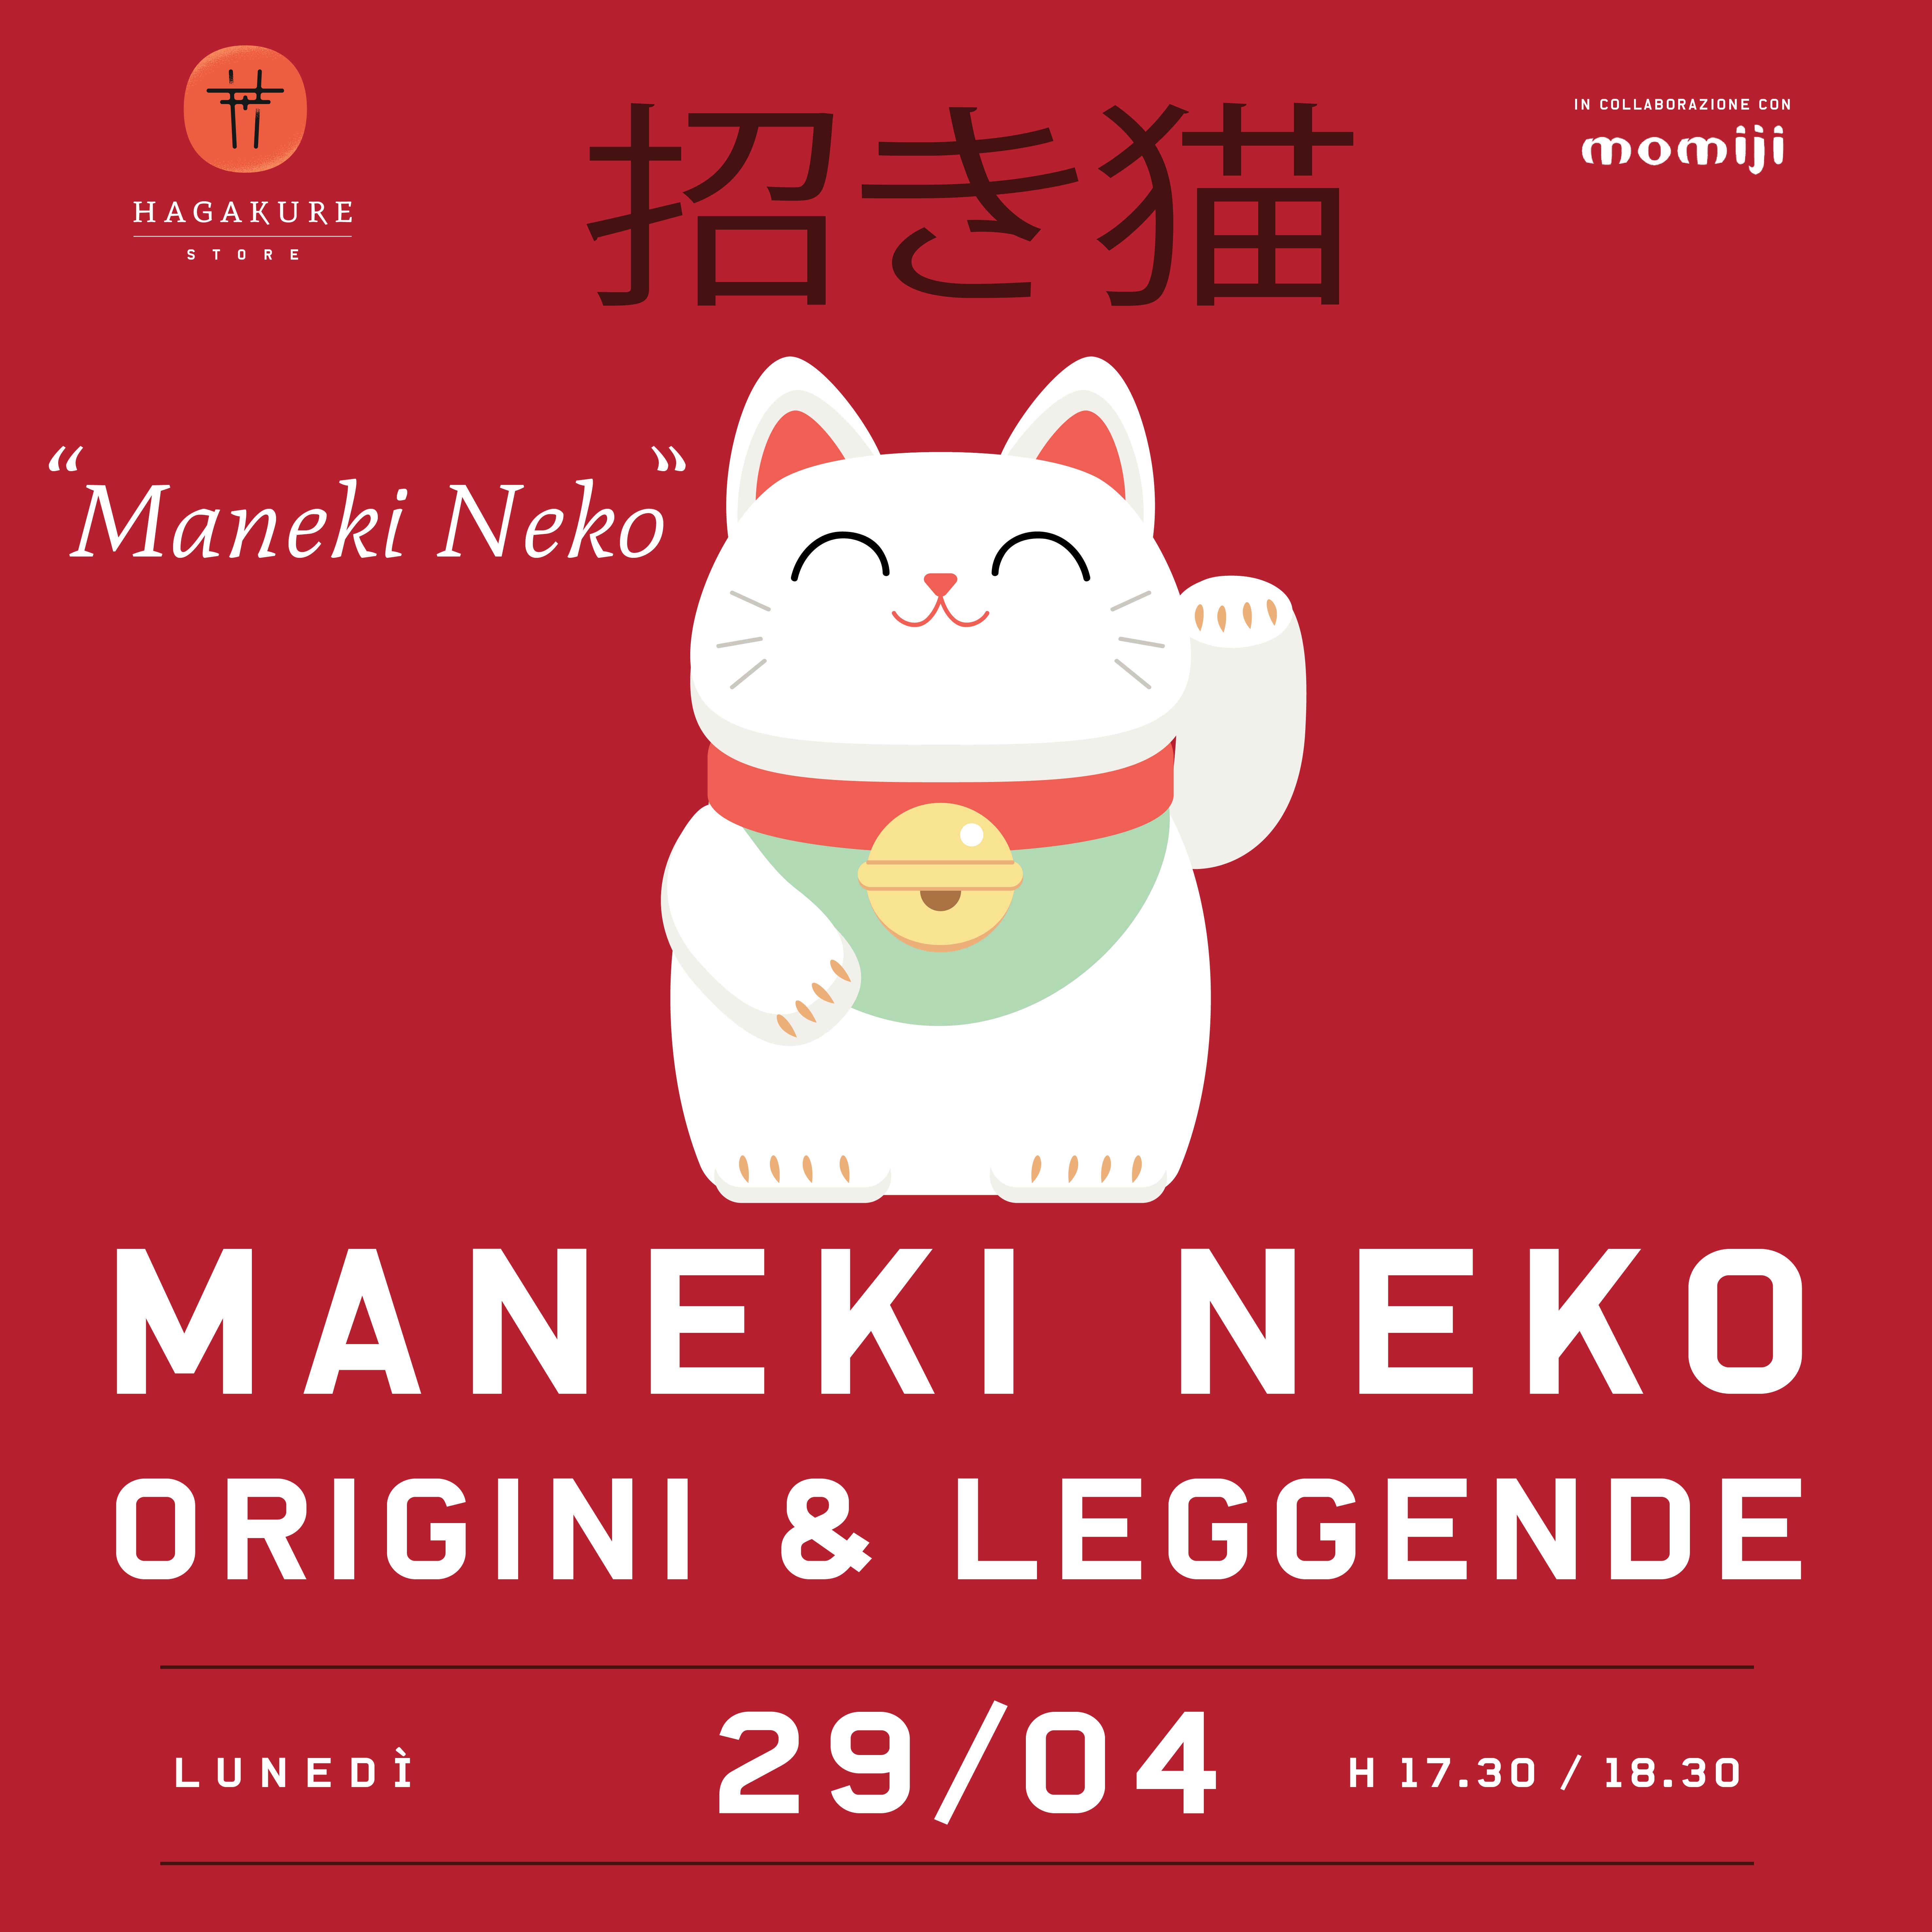 MANEKI NEKO - ORIGINI E LEGGENDE